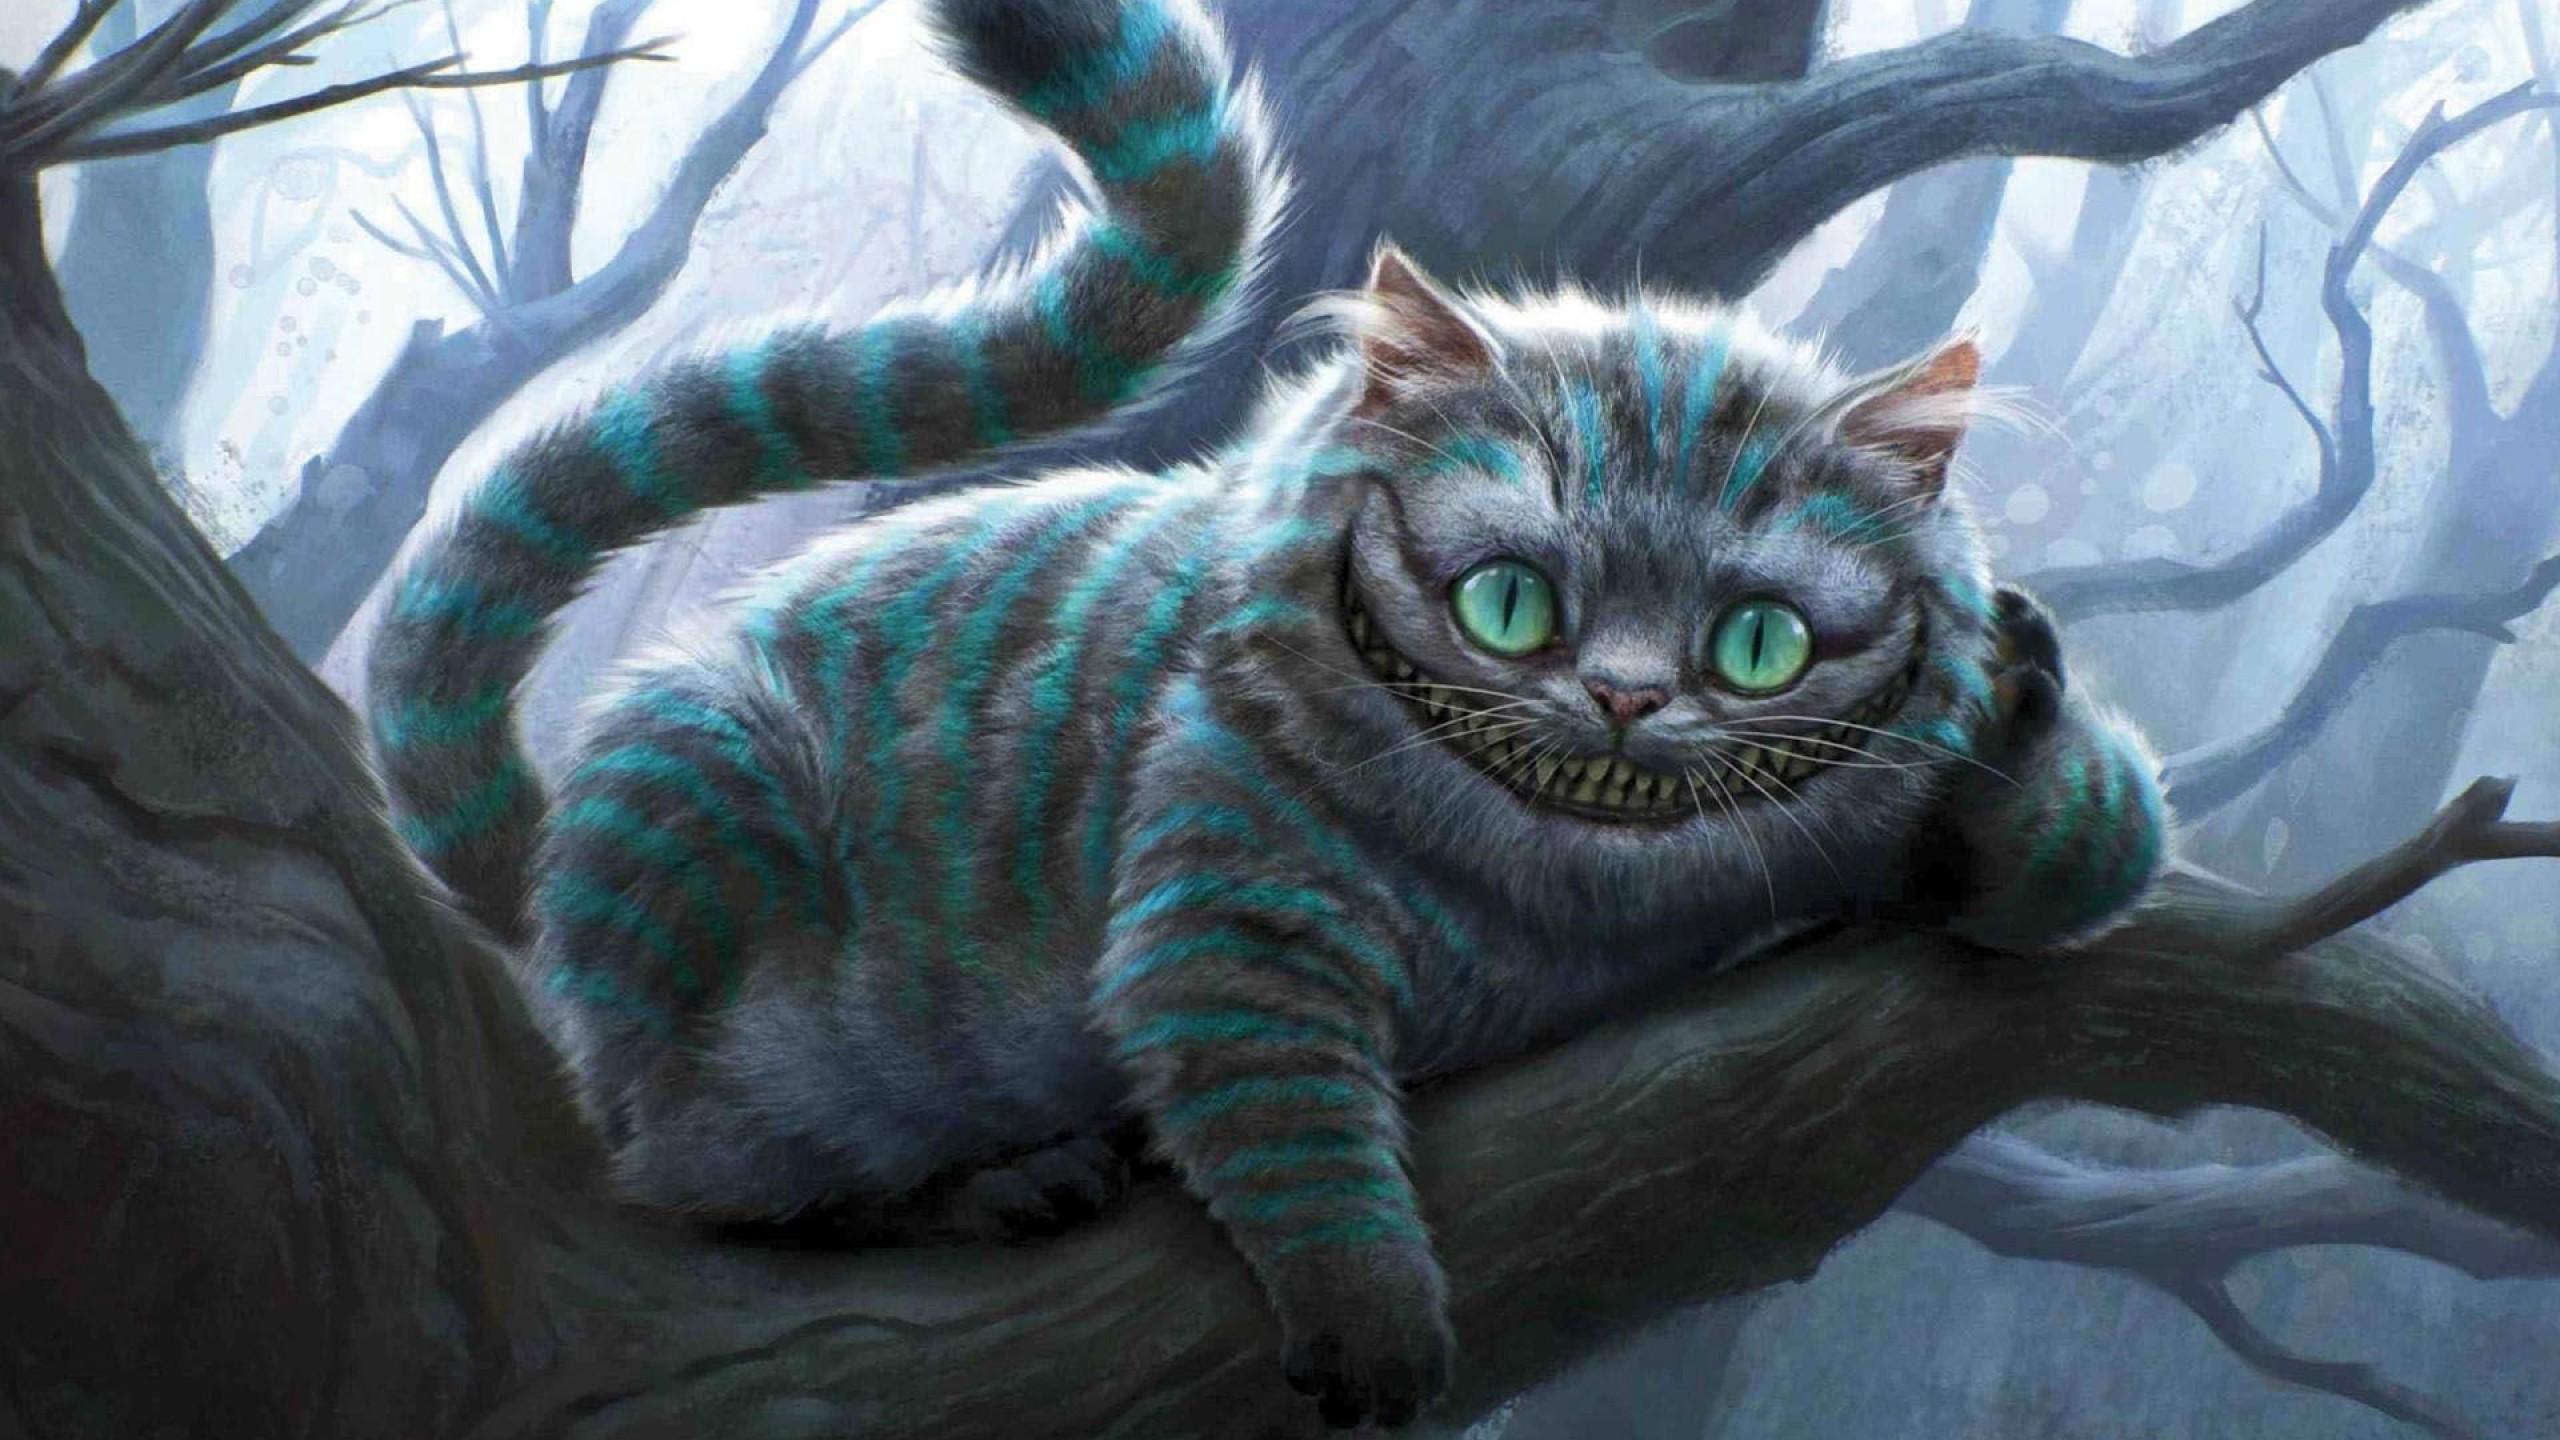 Alice Au Pays Des Merveilles Cheshire Chat Tatouages Fond D Ecran De Chat 1920x1080 Wallpapertip